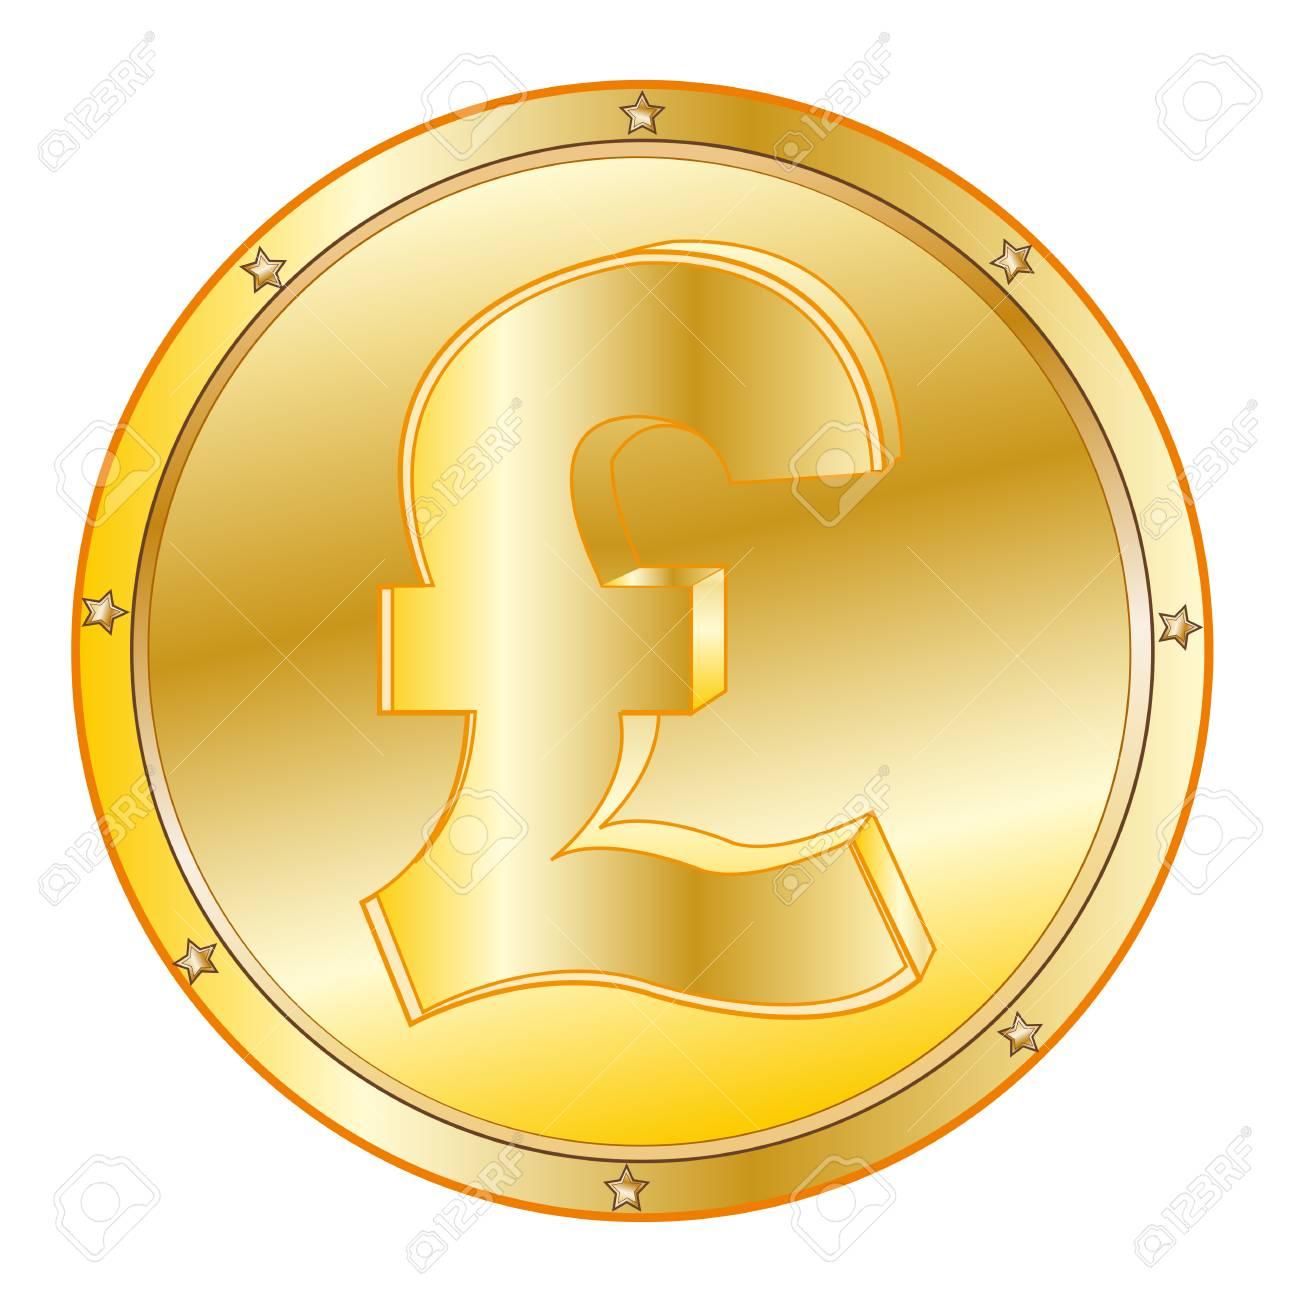 Runde Münze Aus Vergolden Auf Weißem Hintergrund Ist Isoliert